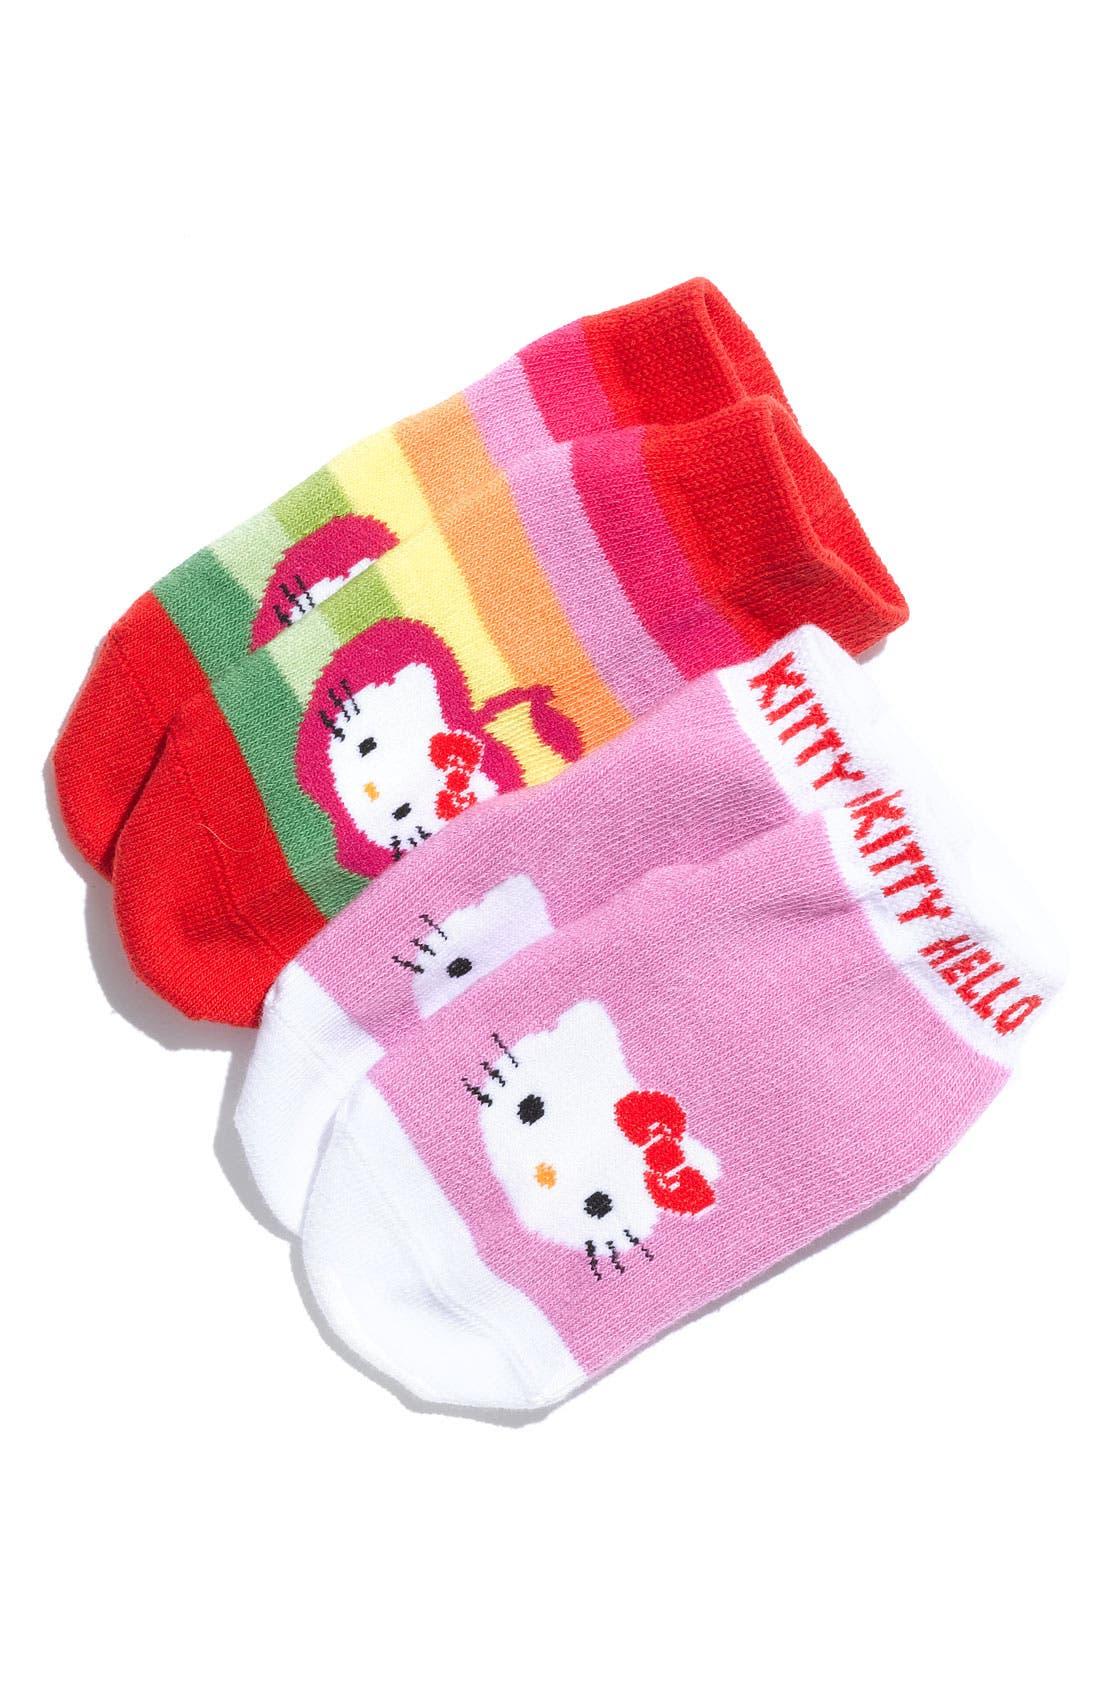 Main Image - BabyLegs® 'Hello Kitty® Apples and Bows' Socks (2-Pack) (Infant, Toddler & Little Girls)